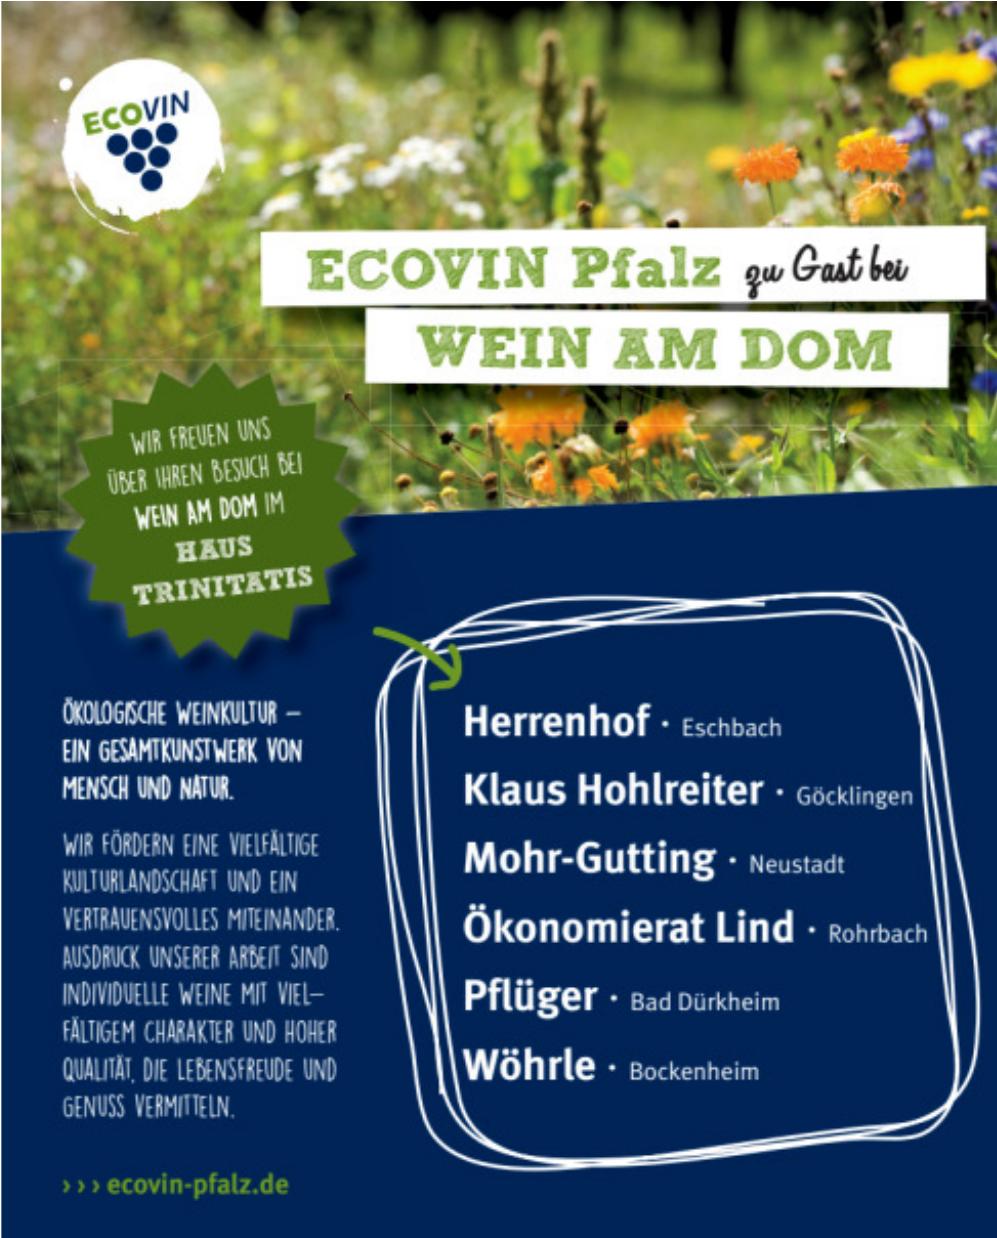 Ecovin Pfalz